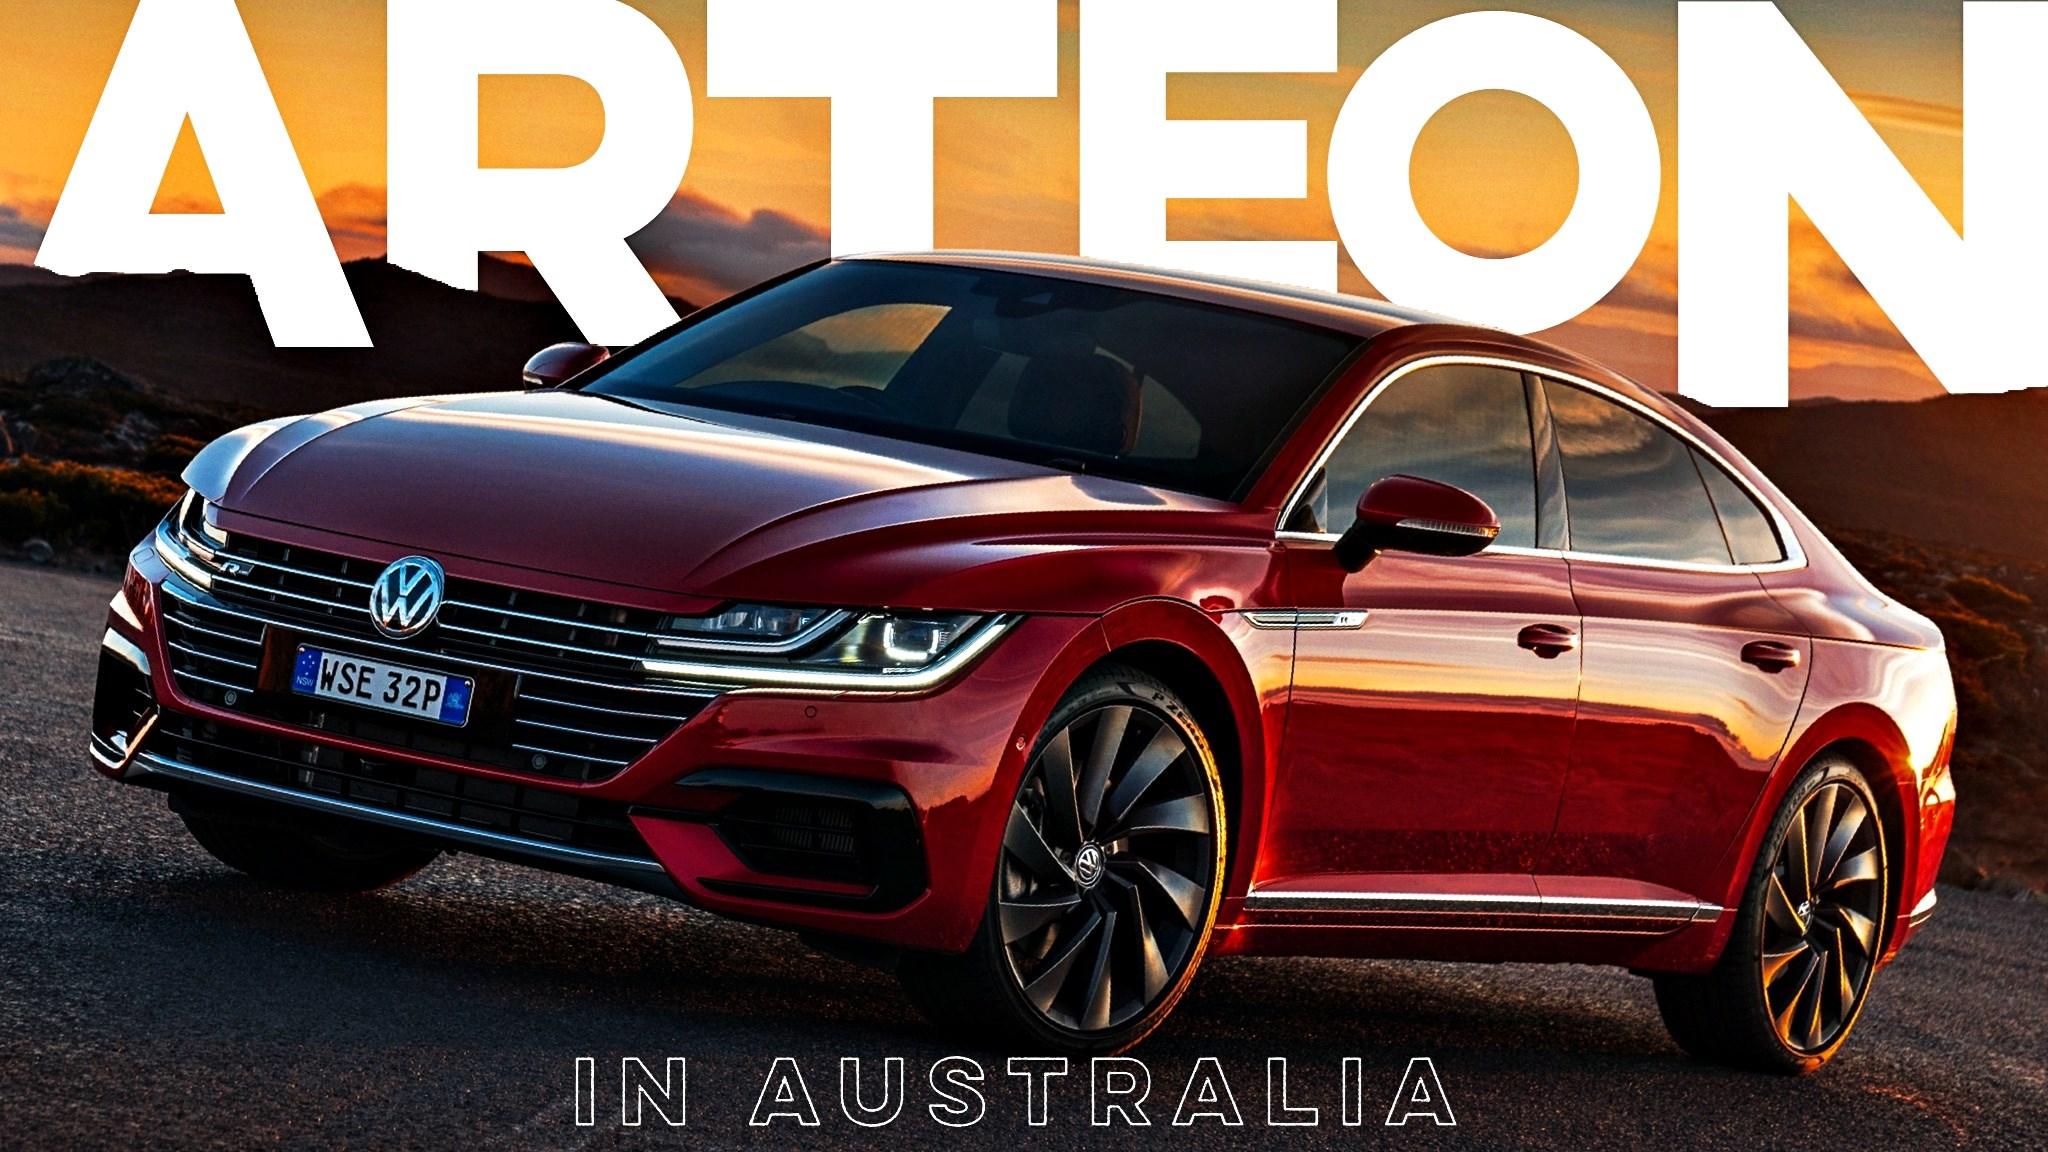 Volkswagen's Flagship Arteon Makes Aussie Landfall